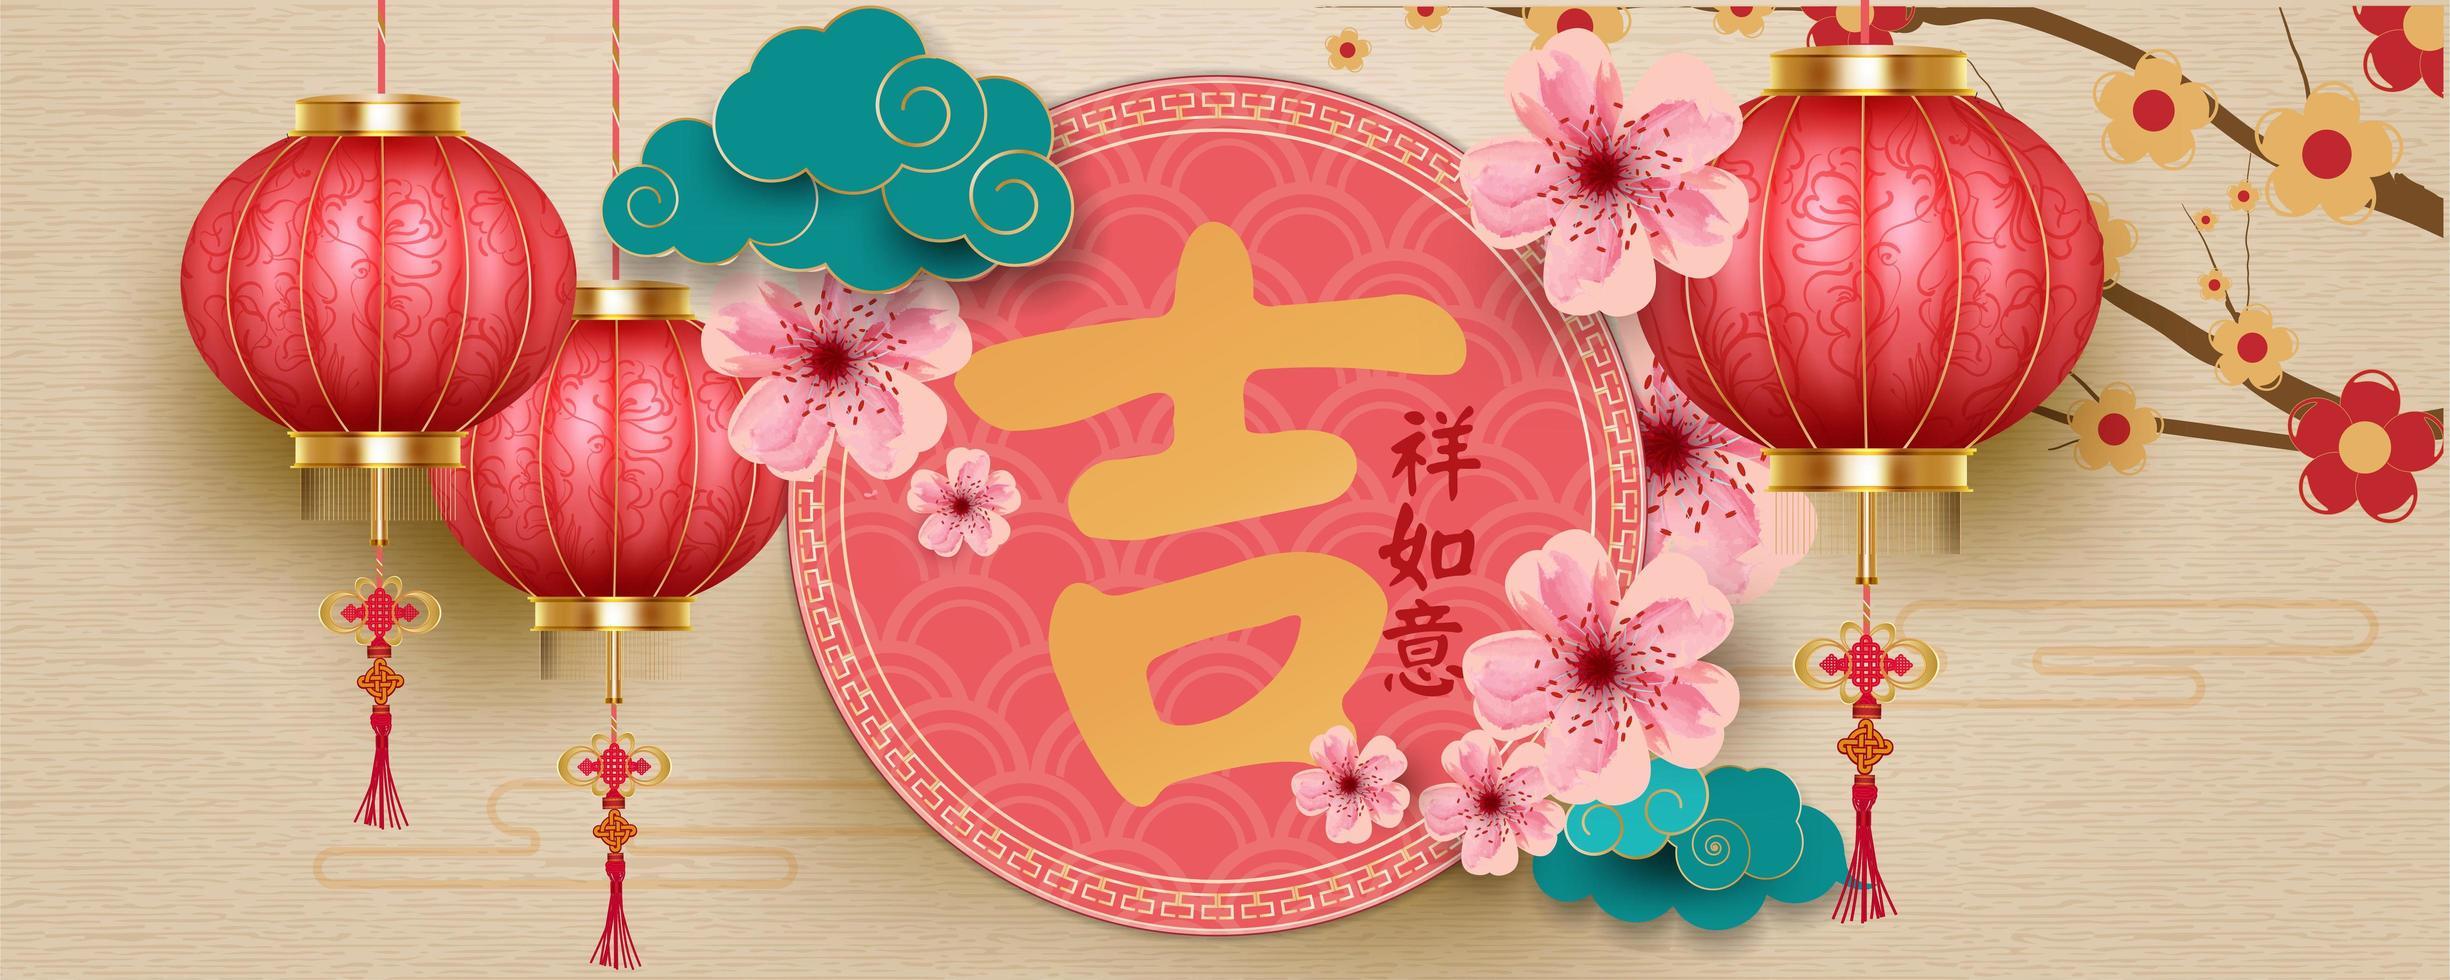 Fundo de ano novo chinês com lanternas, flores e nuvens vetor